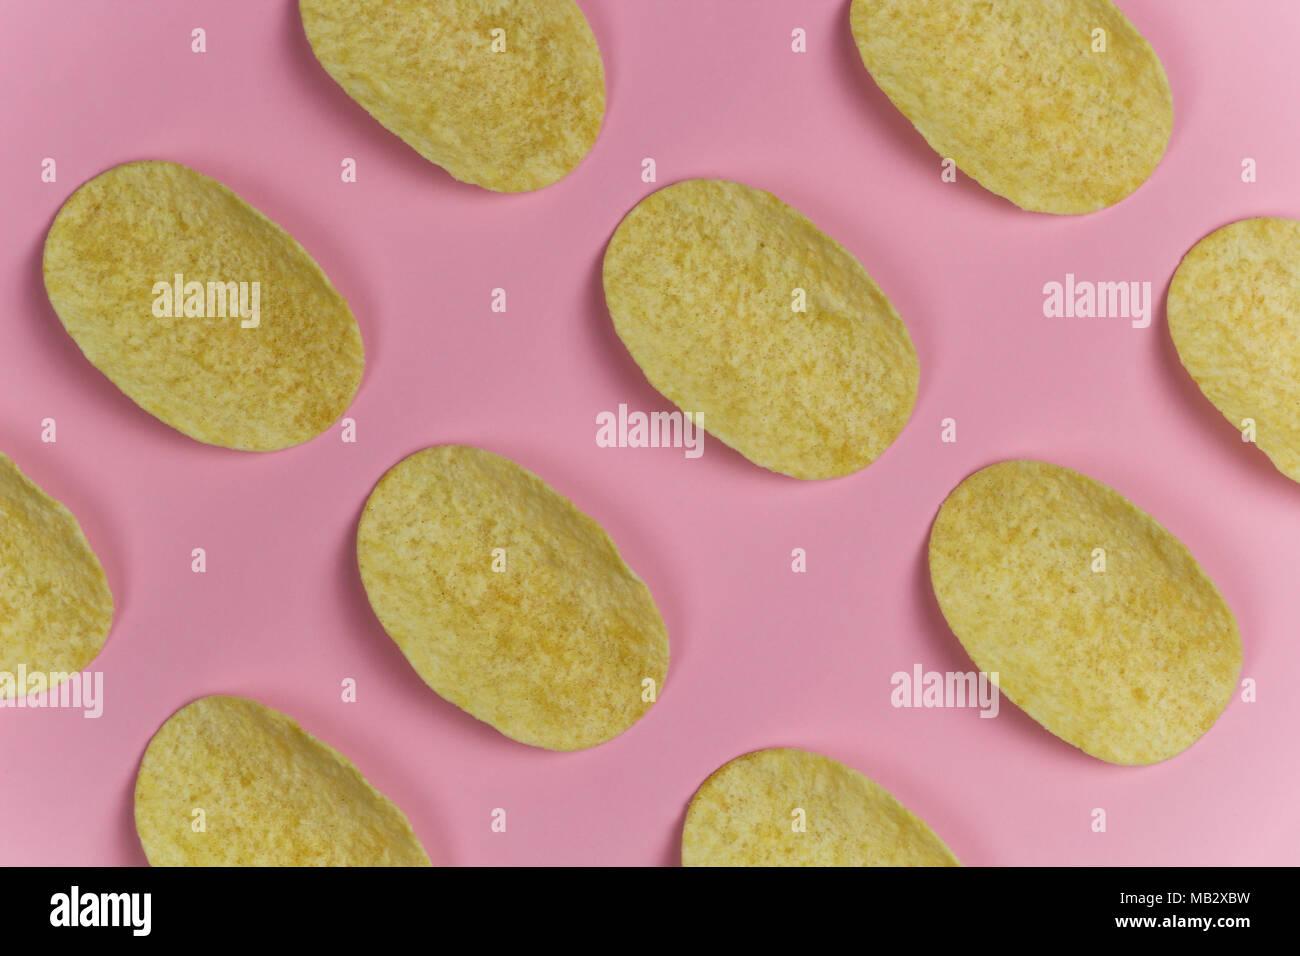 Chip Righe Pastello Rosa Sullo Sfondo Foto Immagine Stock